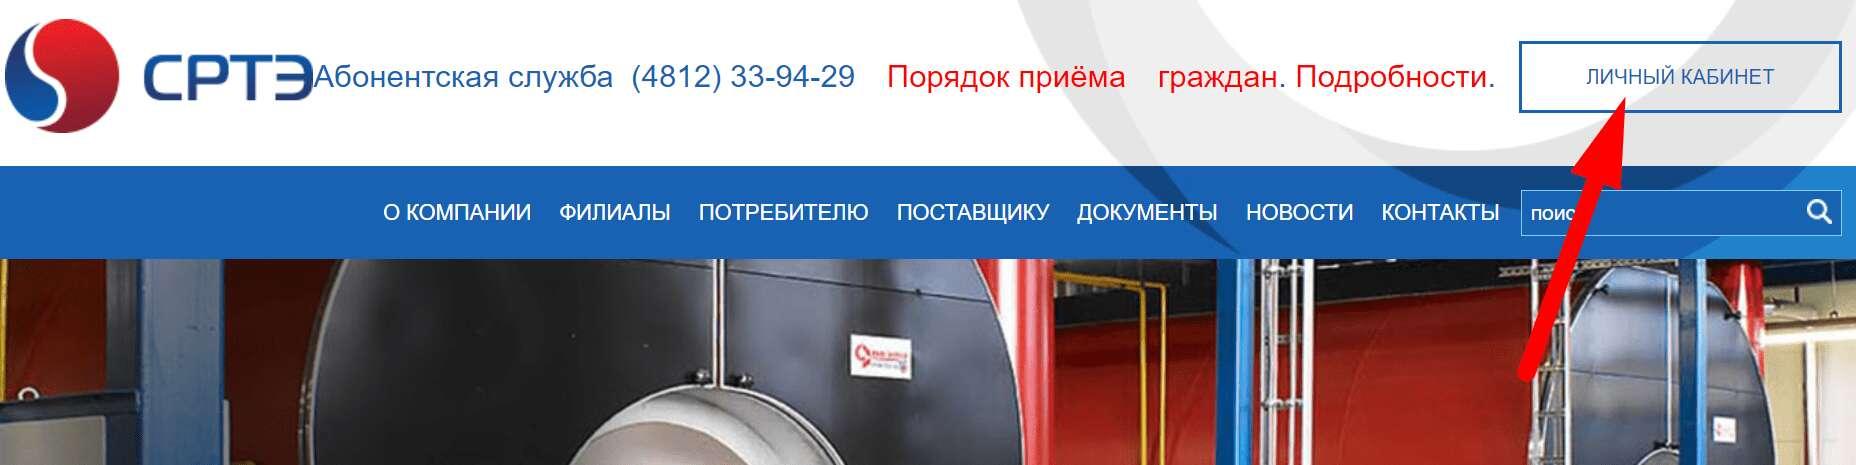 Ссылка на сайт энергосбытовой компании «Смоленскрегионтеплоэнерго»